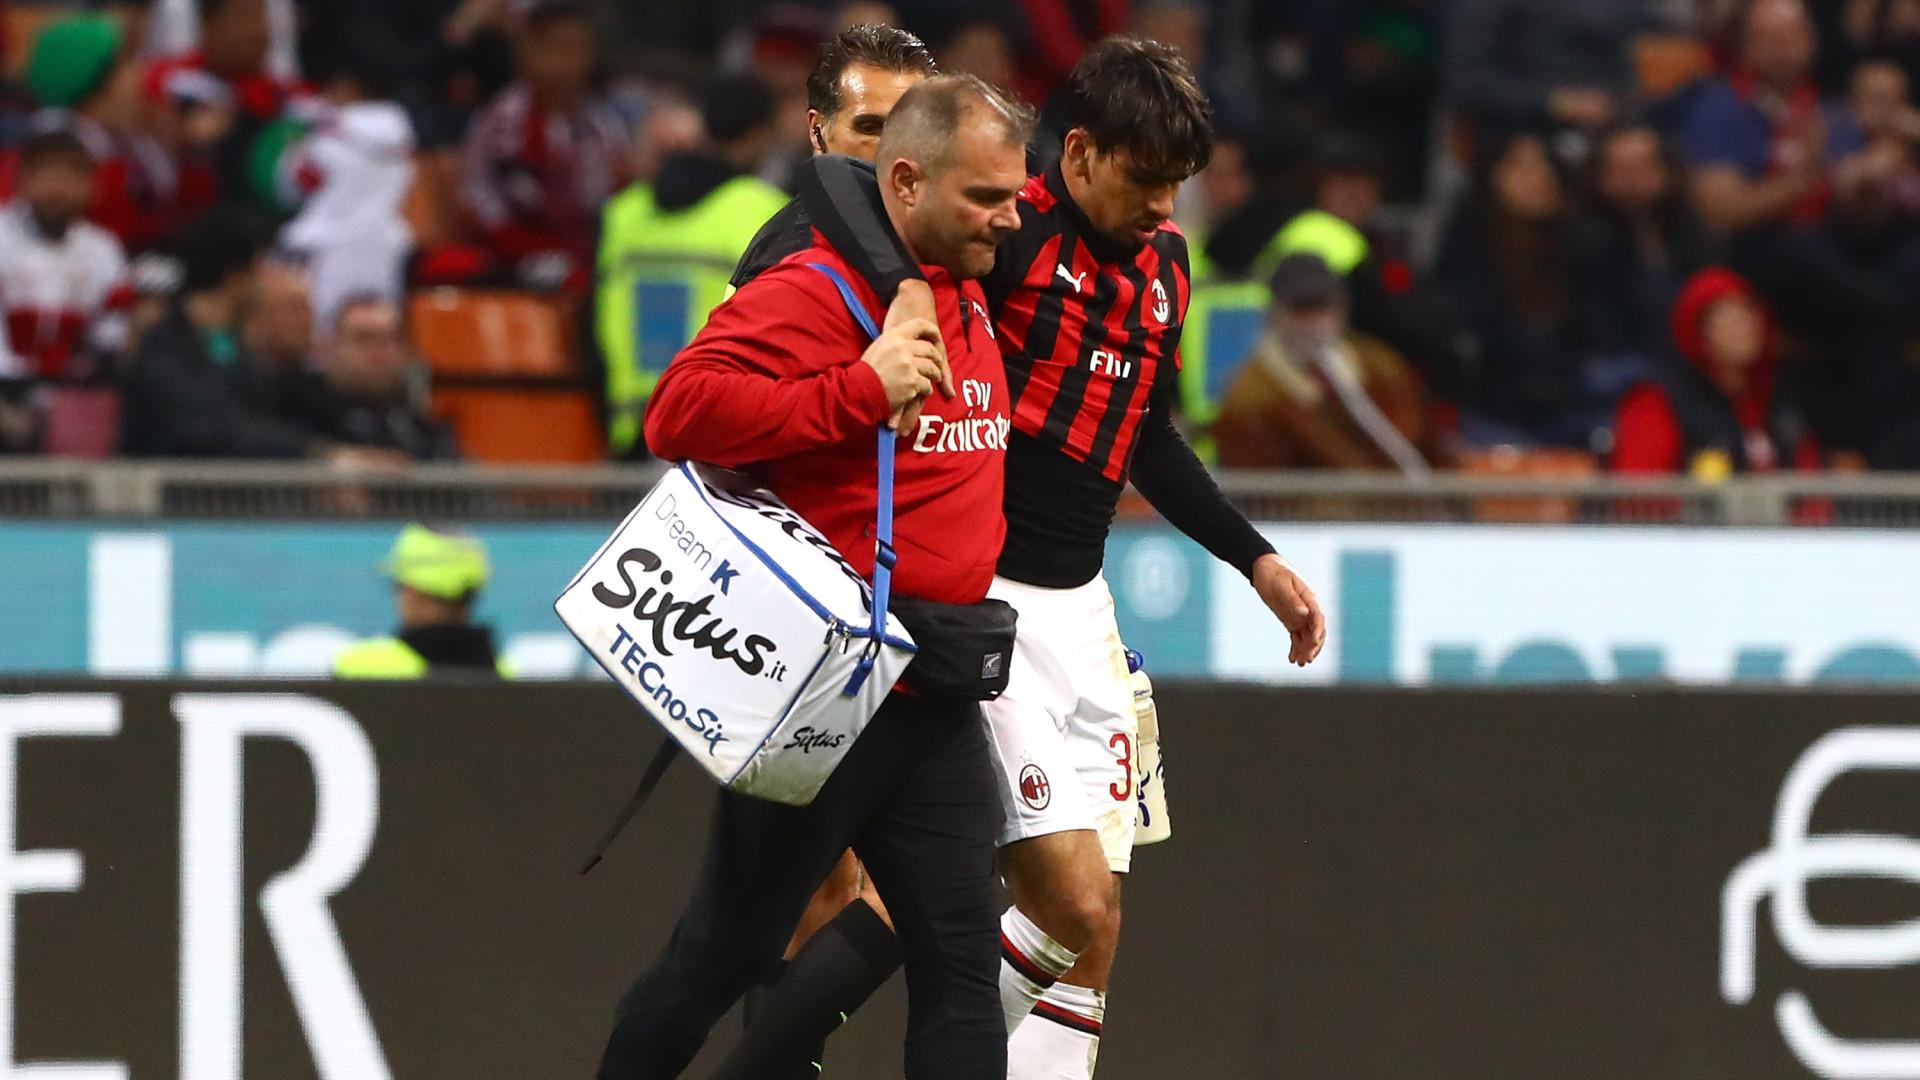 Paquetá deixa o San Siro lesionado após empate do Milan com Cagliari